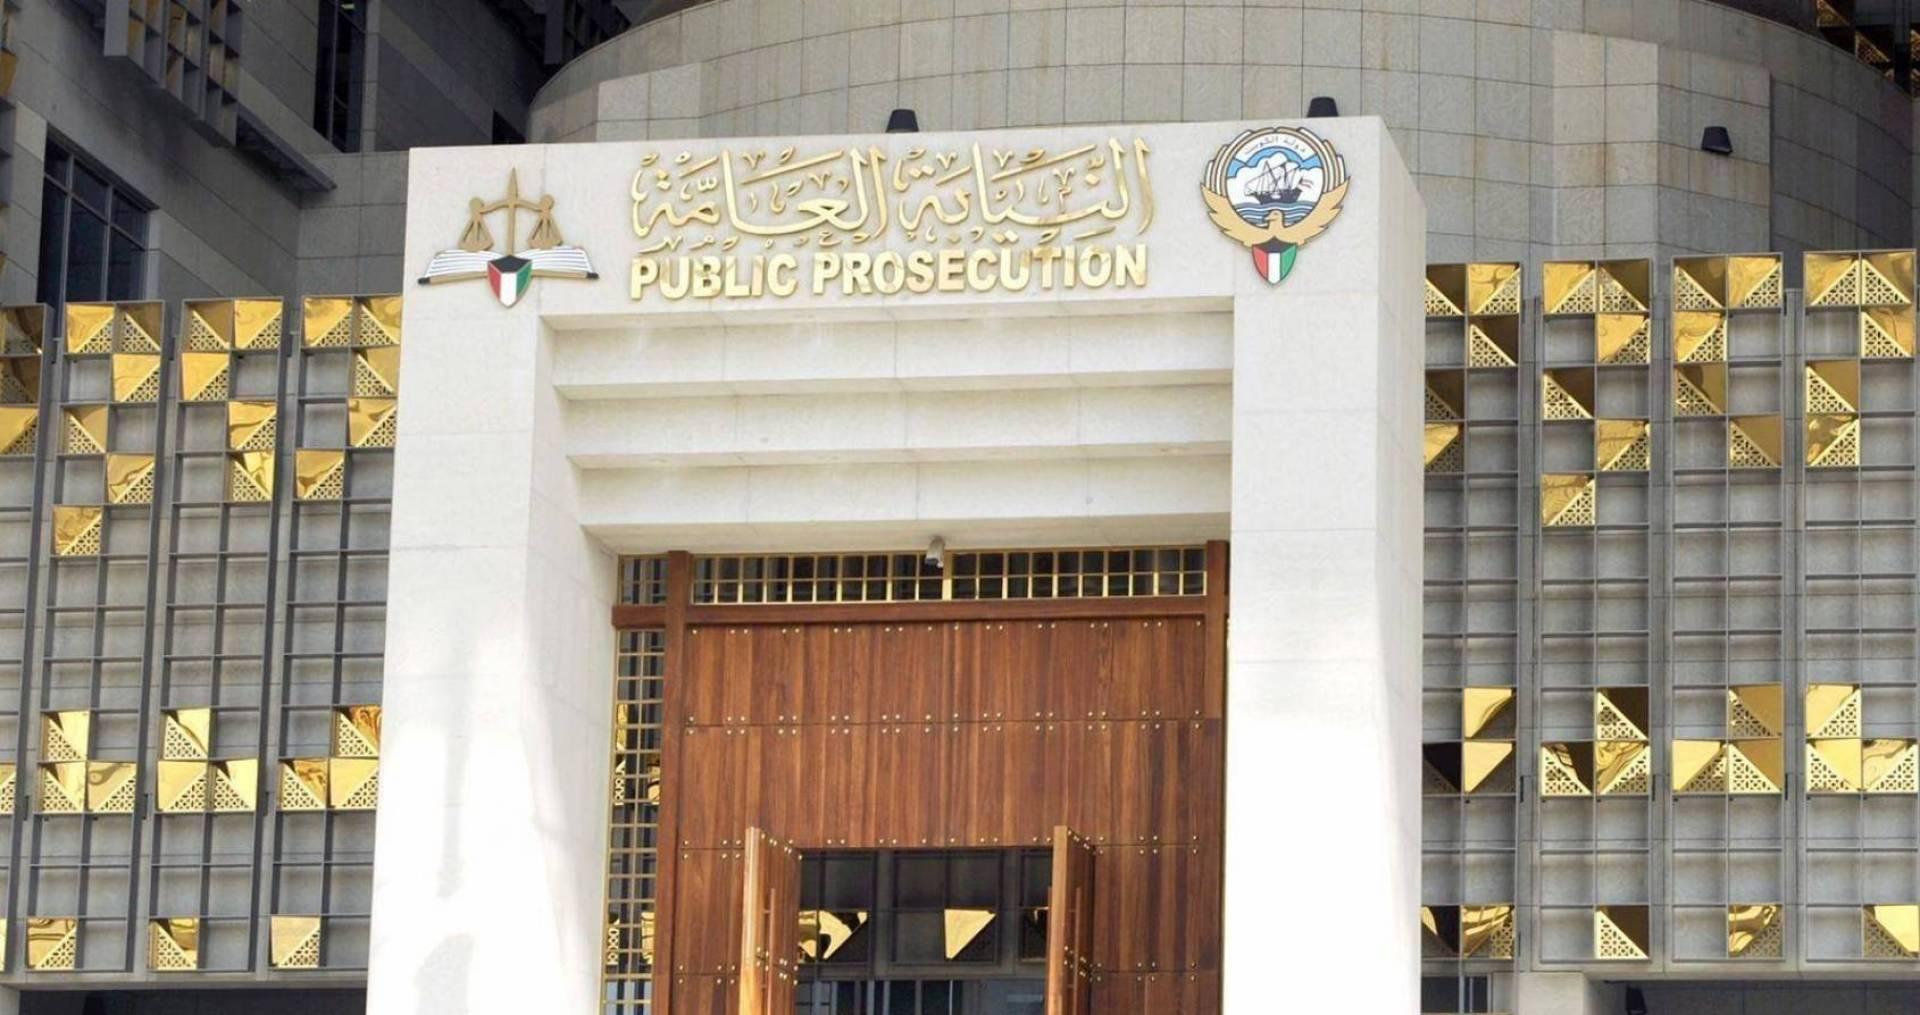 قضية «مكتب السيارات المعروف» في طريقها إلى الحفظ